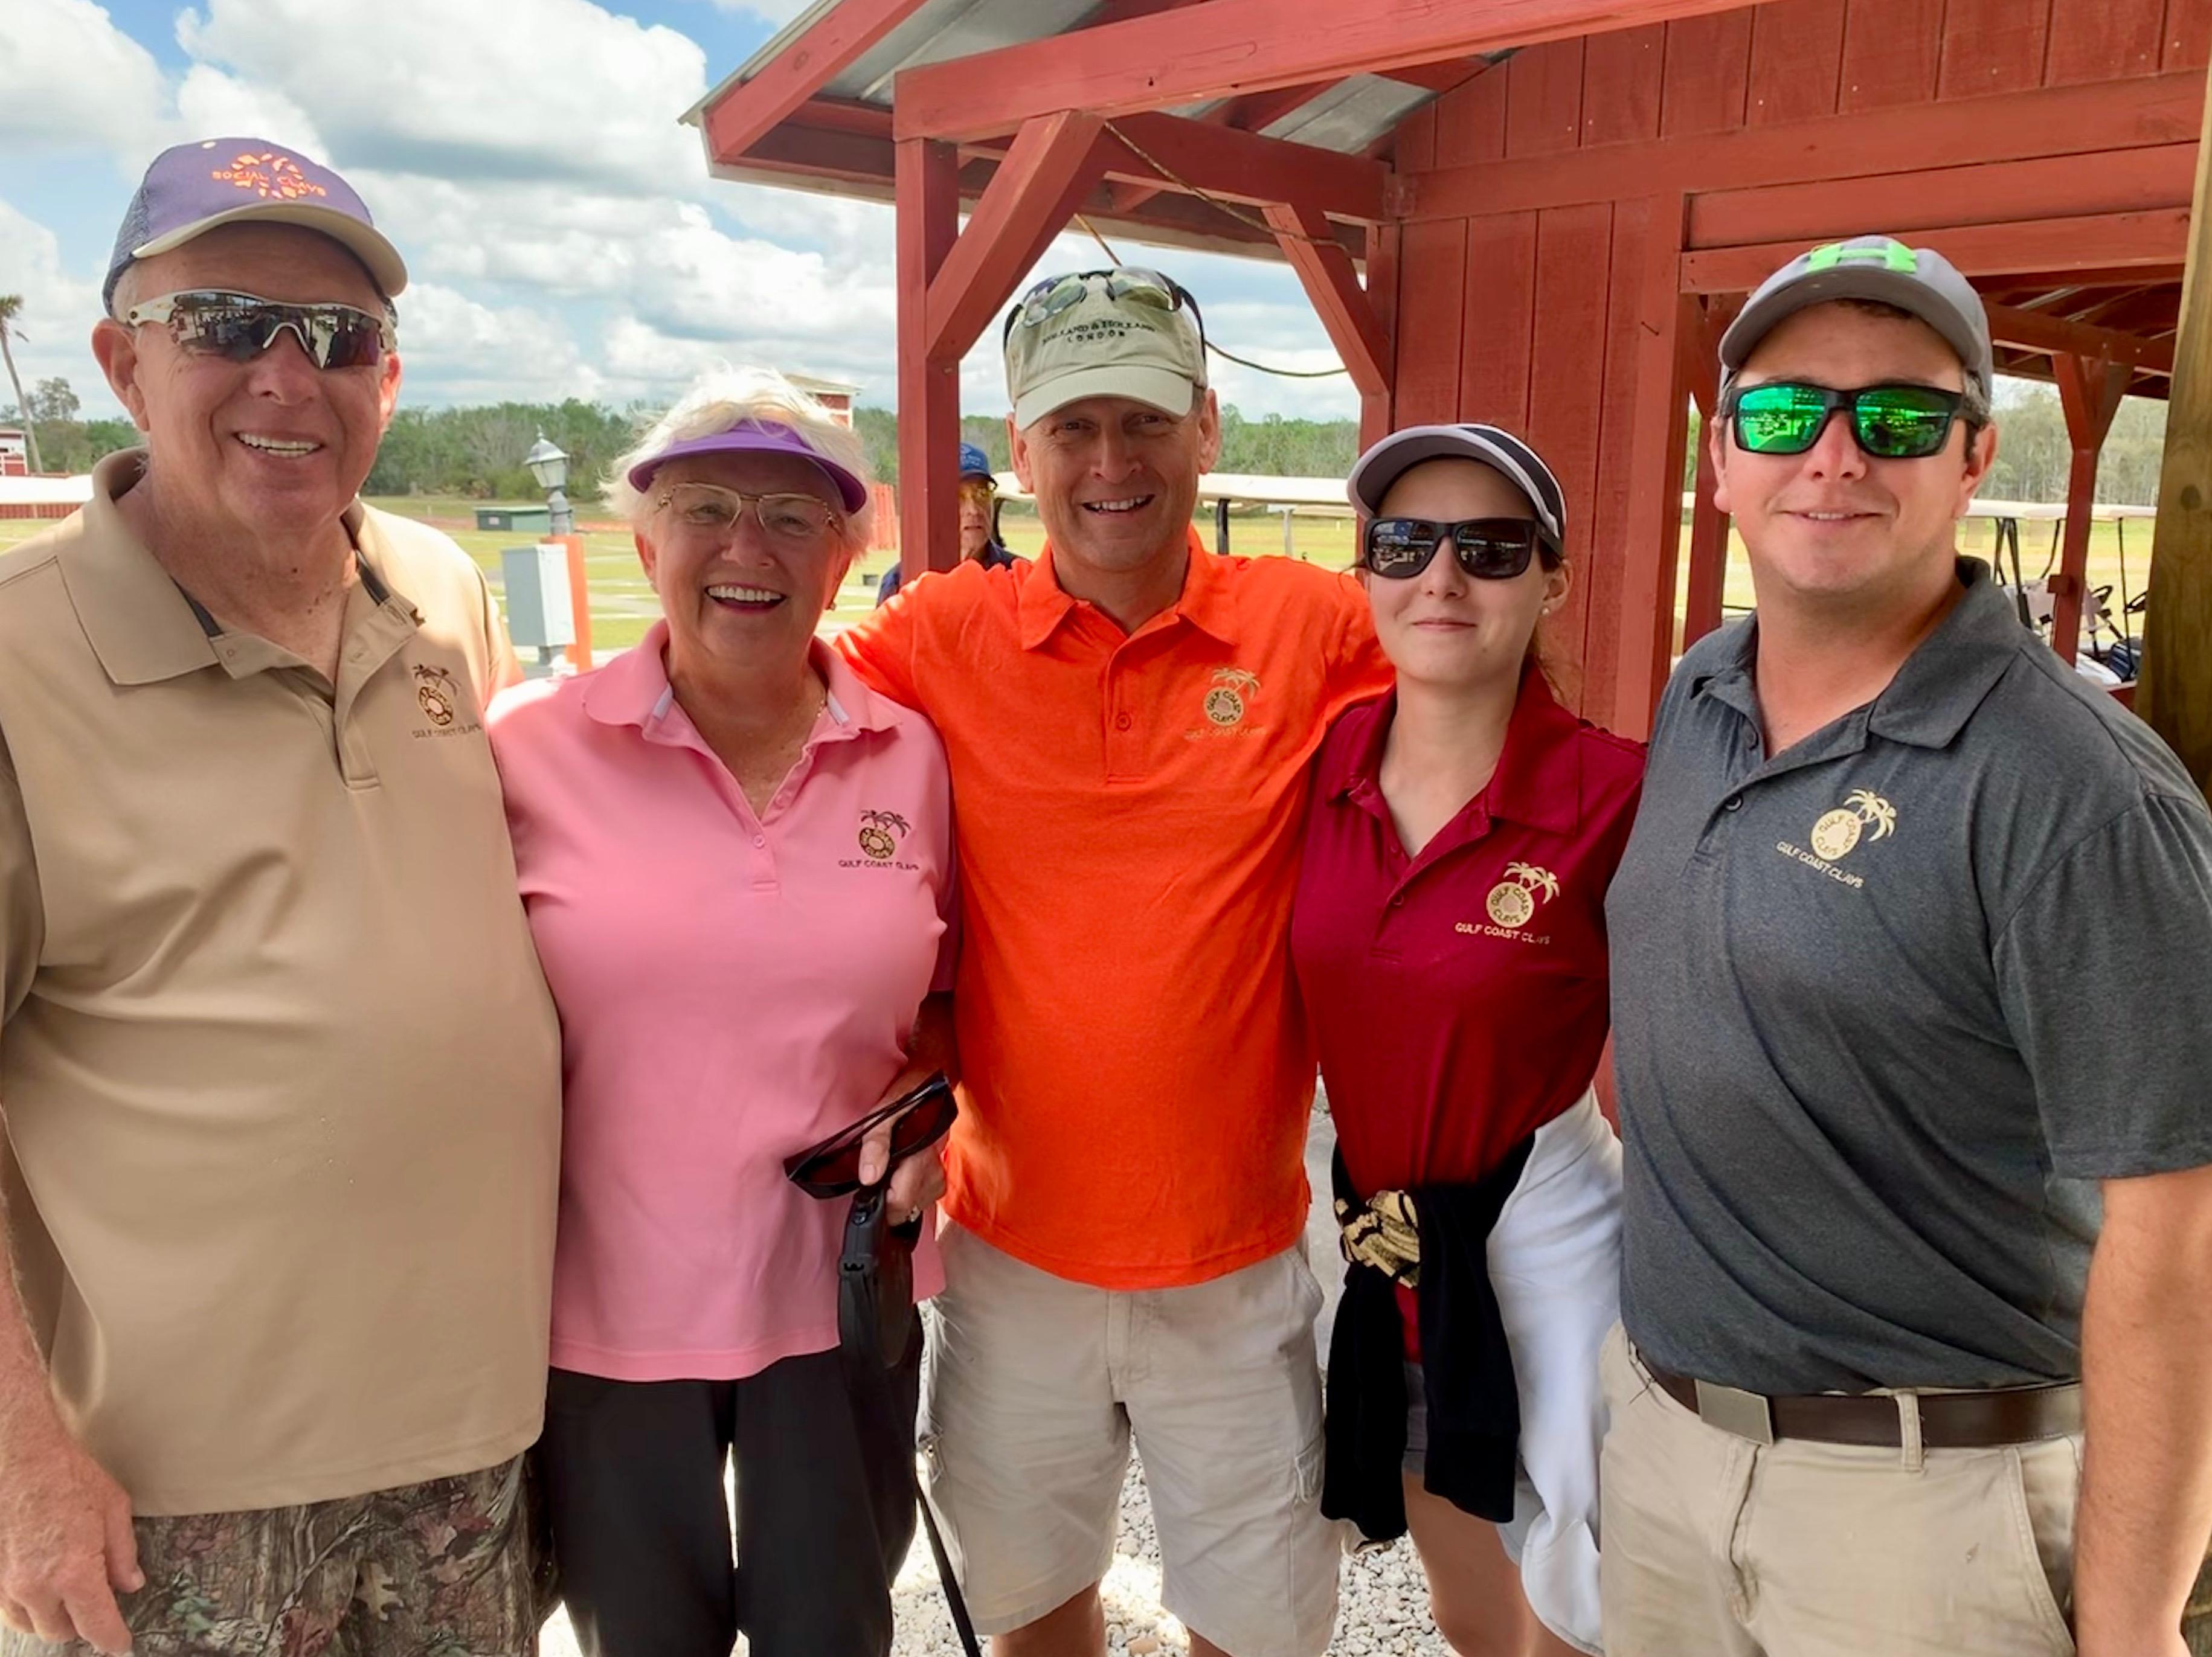 Members' party 2019 at GCC gun club in Naples